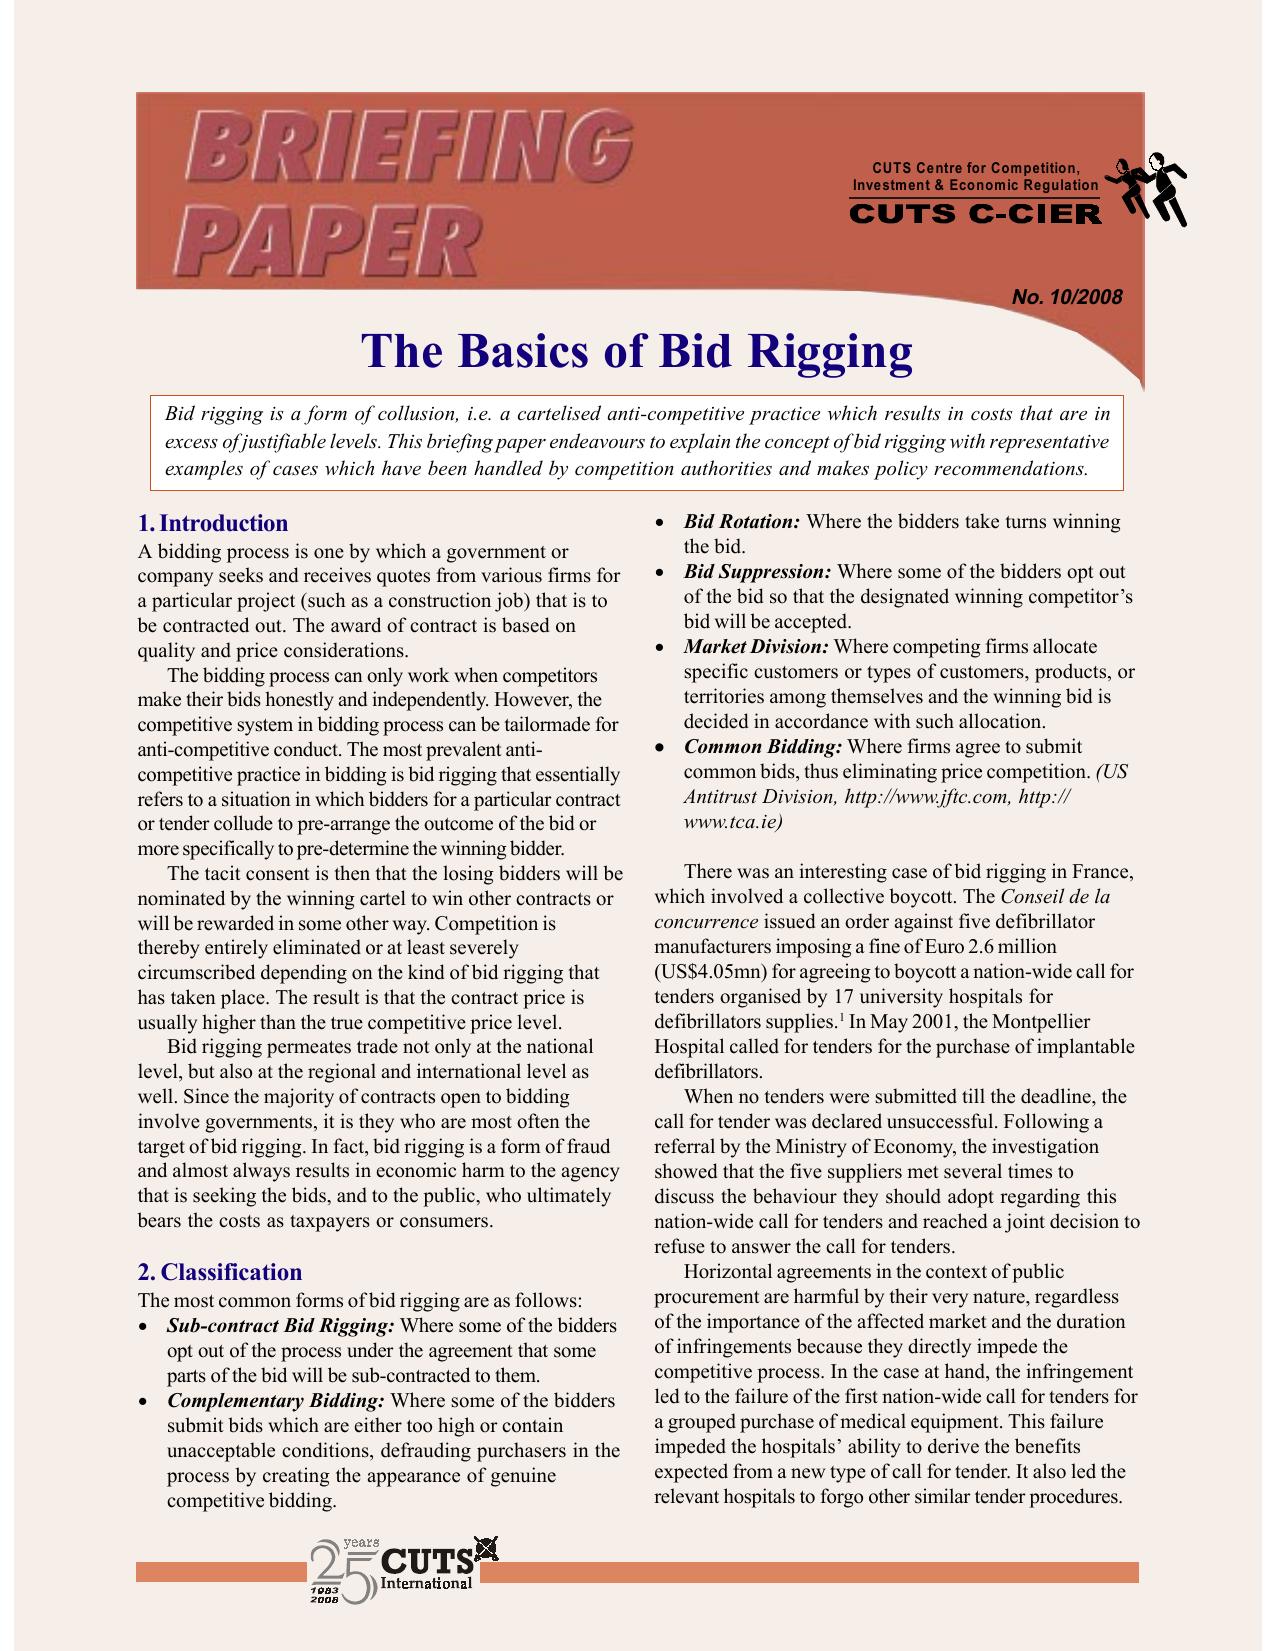 The Basics Of Bid Rigging